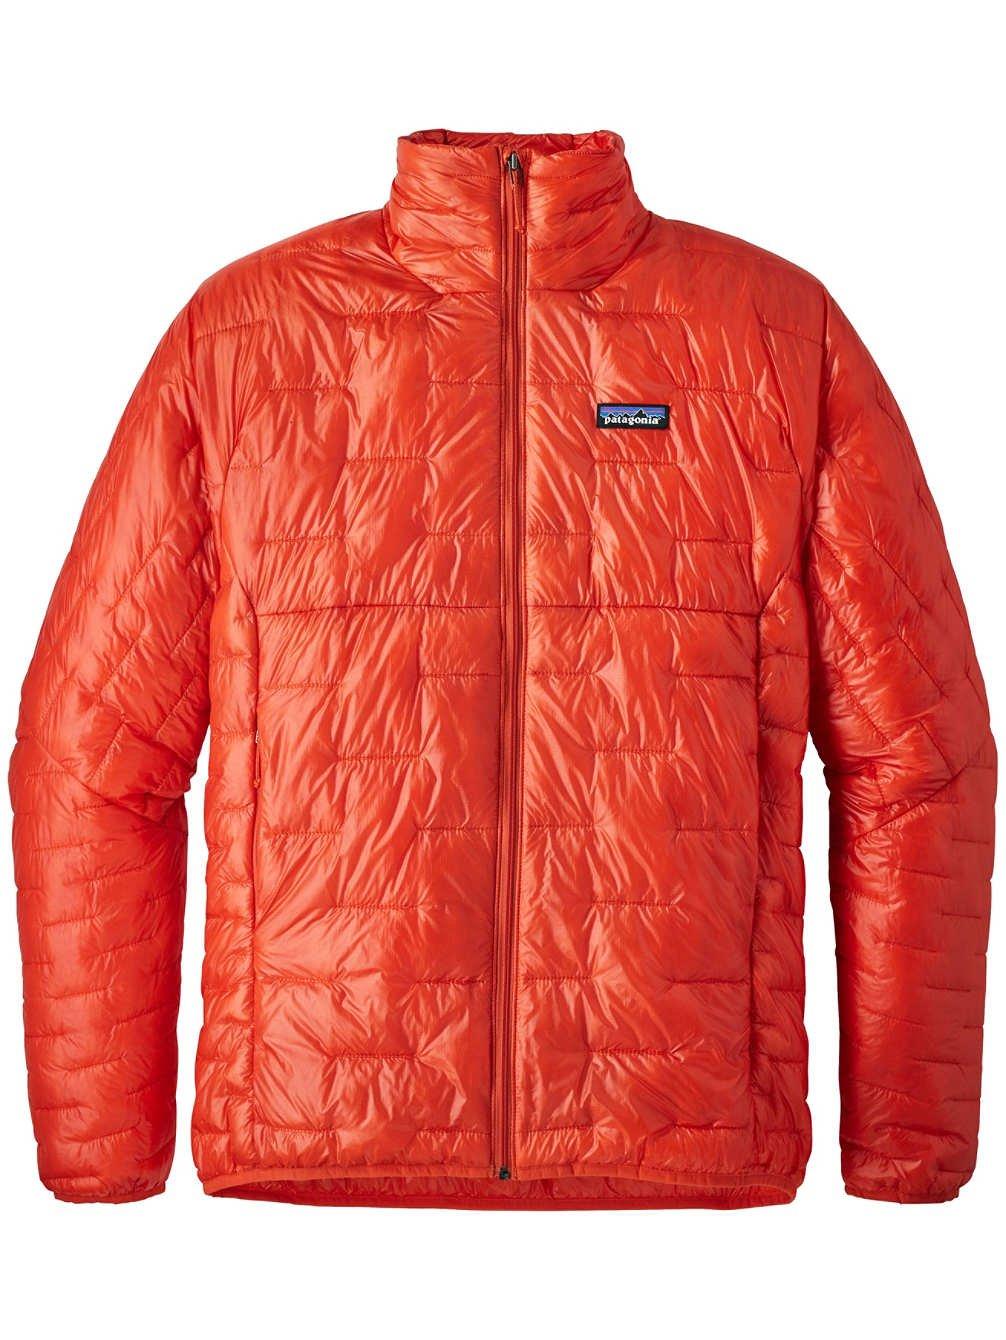 (パタゴニア)patagonia M's Micro Puff Jacket メンズマイクロパフジャケット 84065 B07962YD1M US S-(日本サイズM相当)|Paintbrush Red(PBH) Paintbrush Red(PBH) US S-(日本サイズM相当)